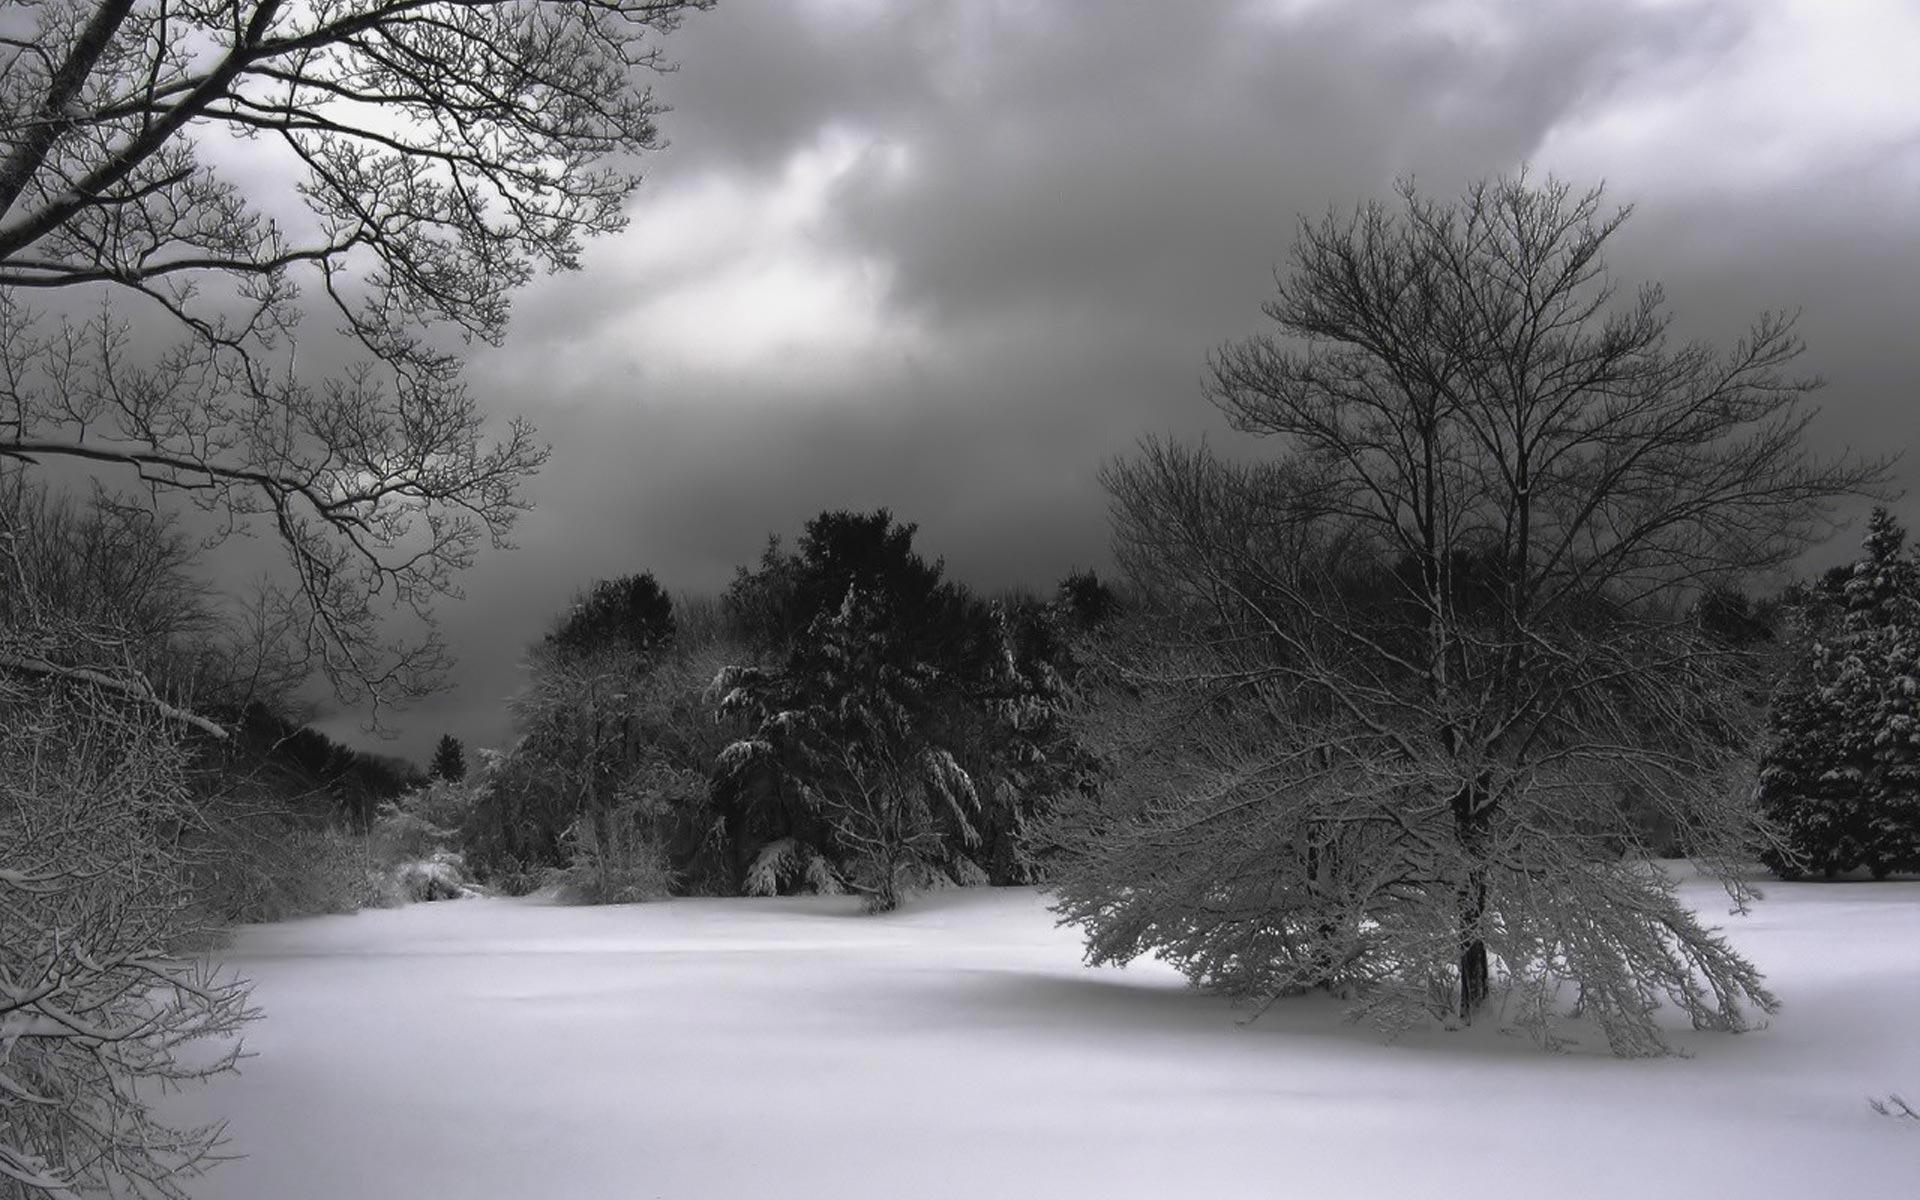 Winter night Widescreen Wallpaper   1900 1920x1200